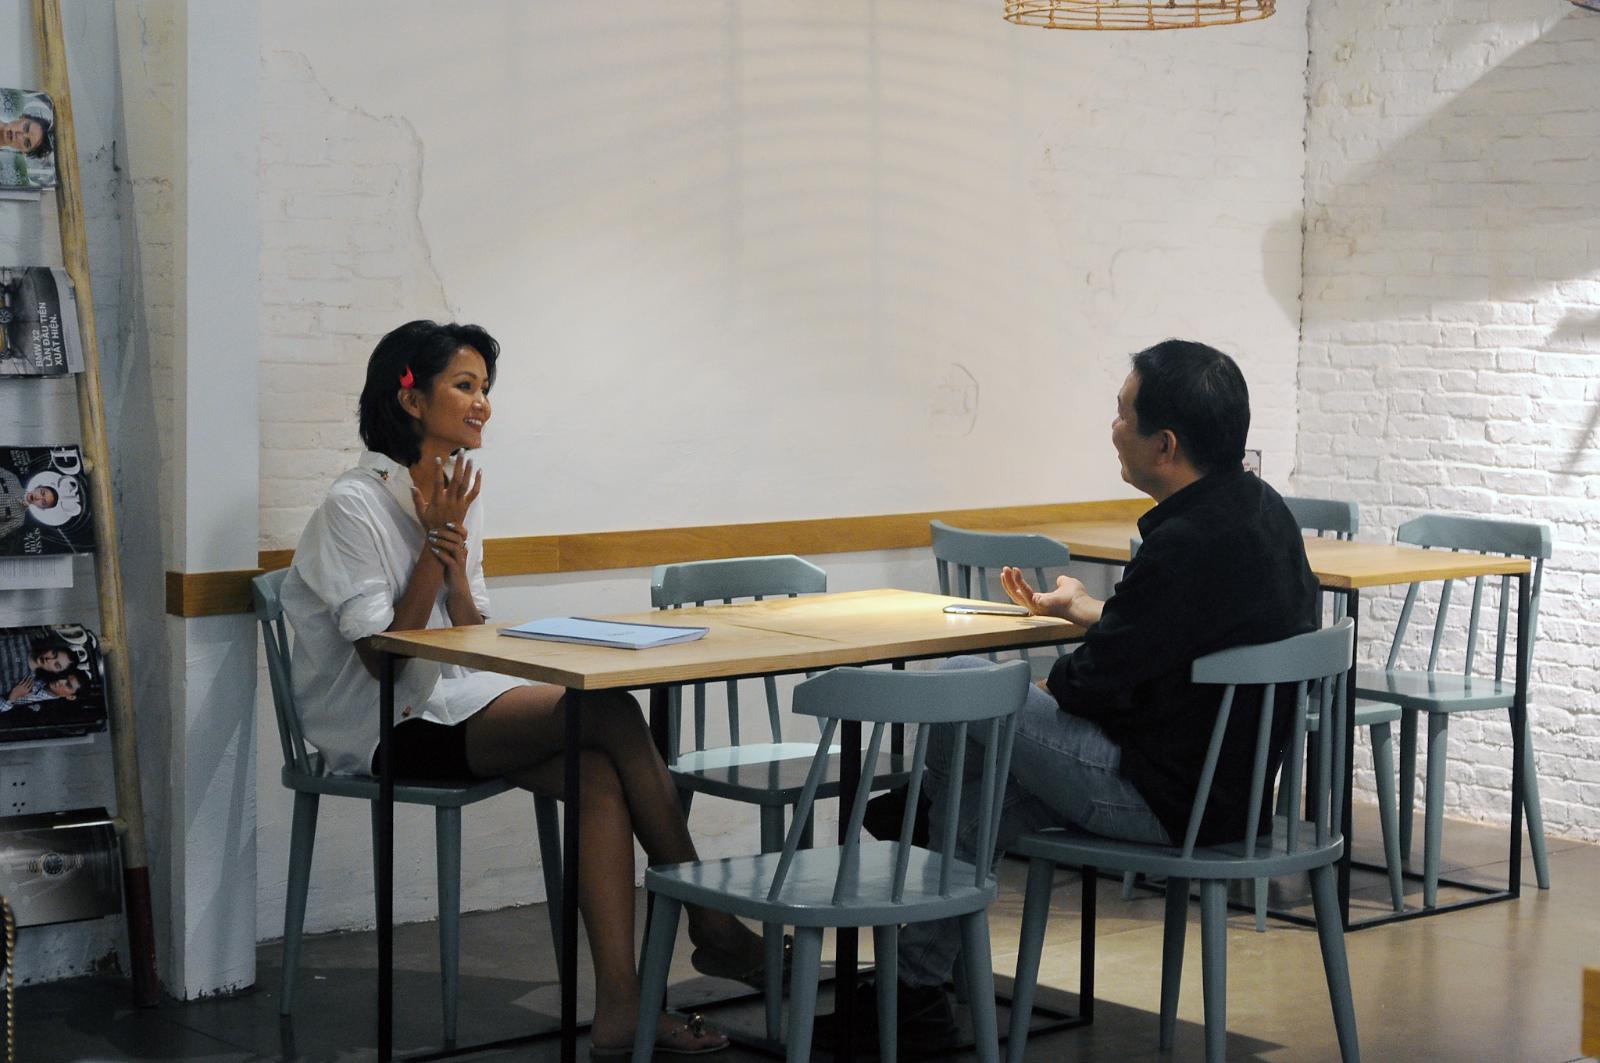 Đạo diễn Lương Đình Dũng khen H'Hen Niê về khả năng diễn xuất.